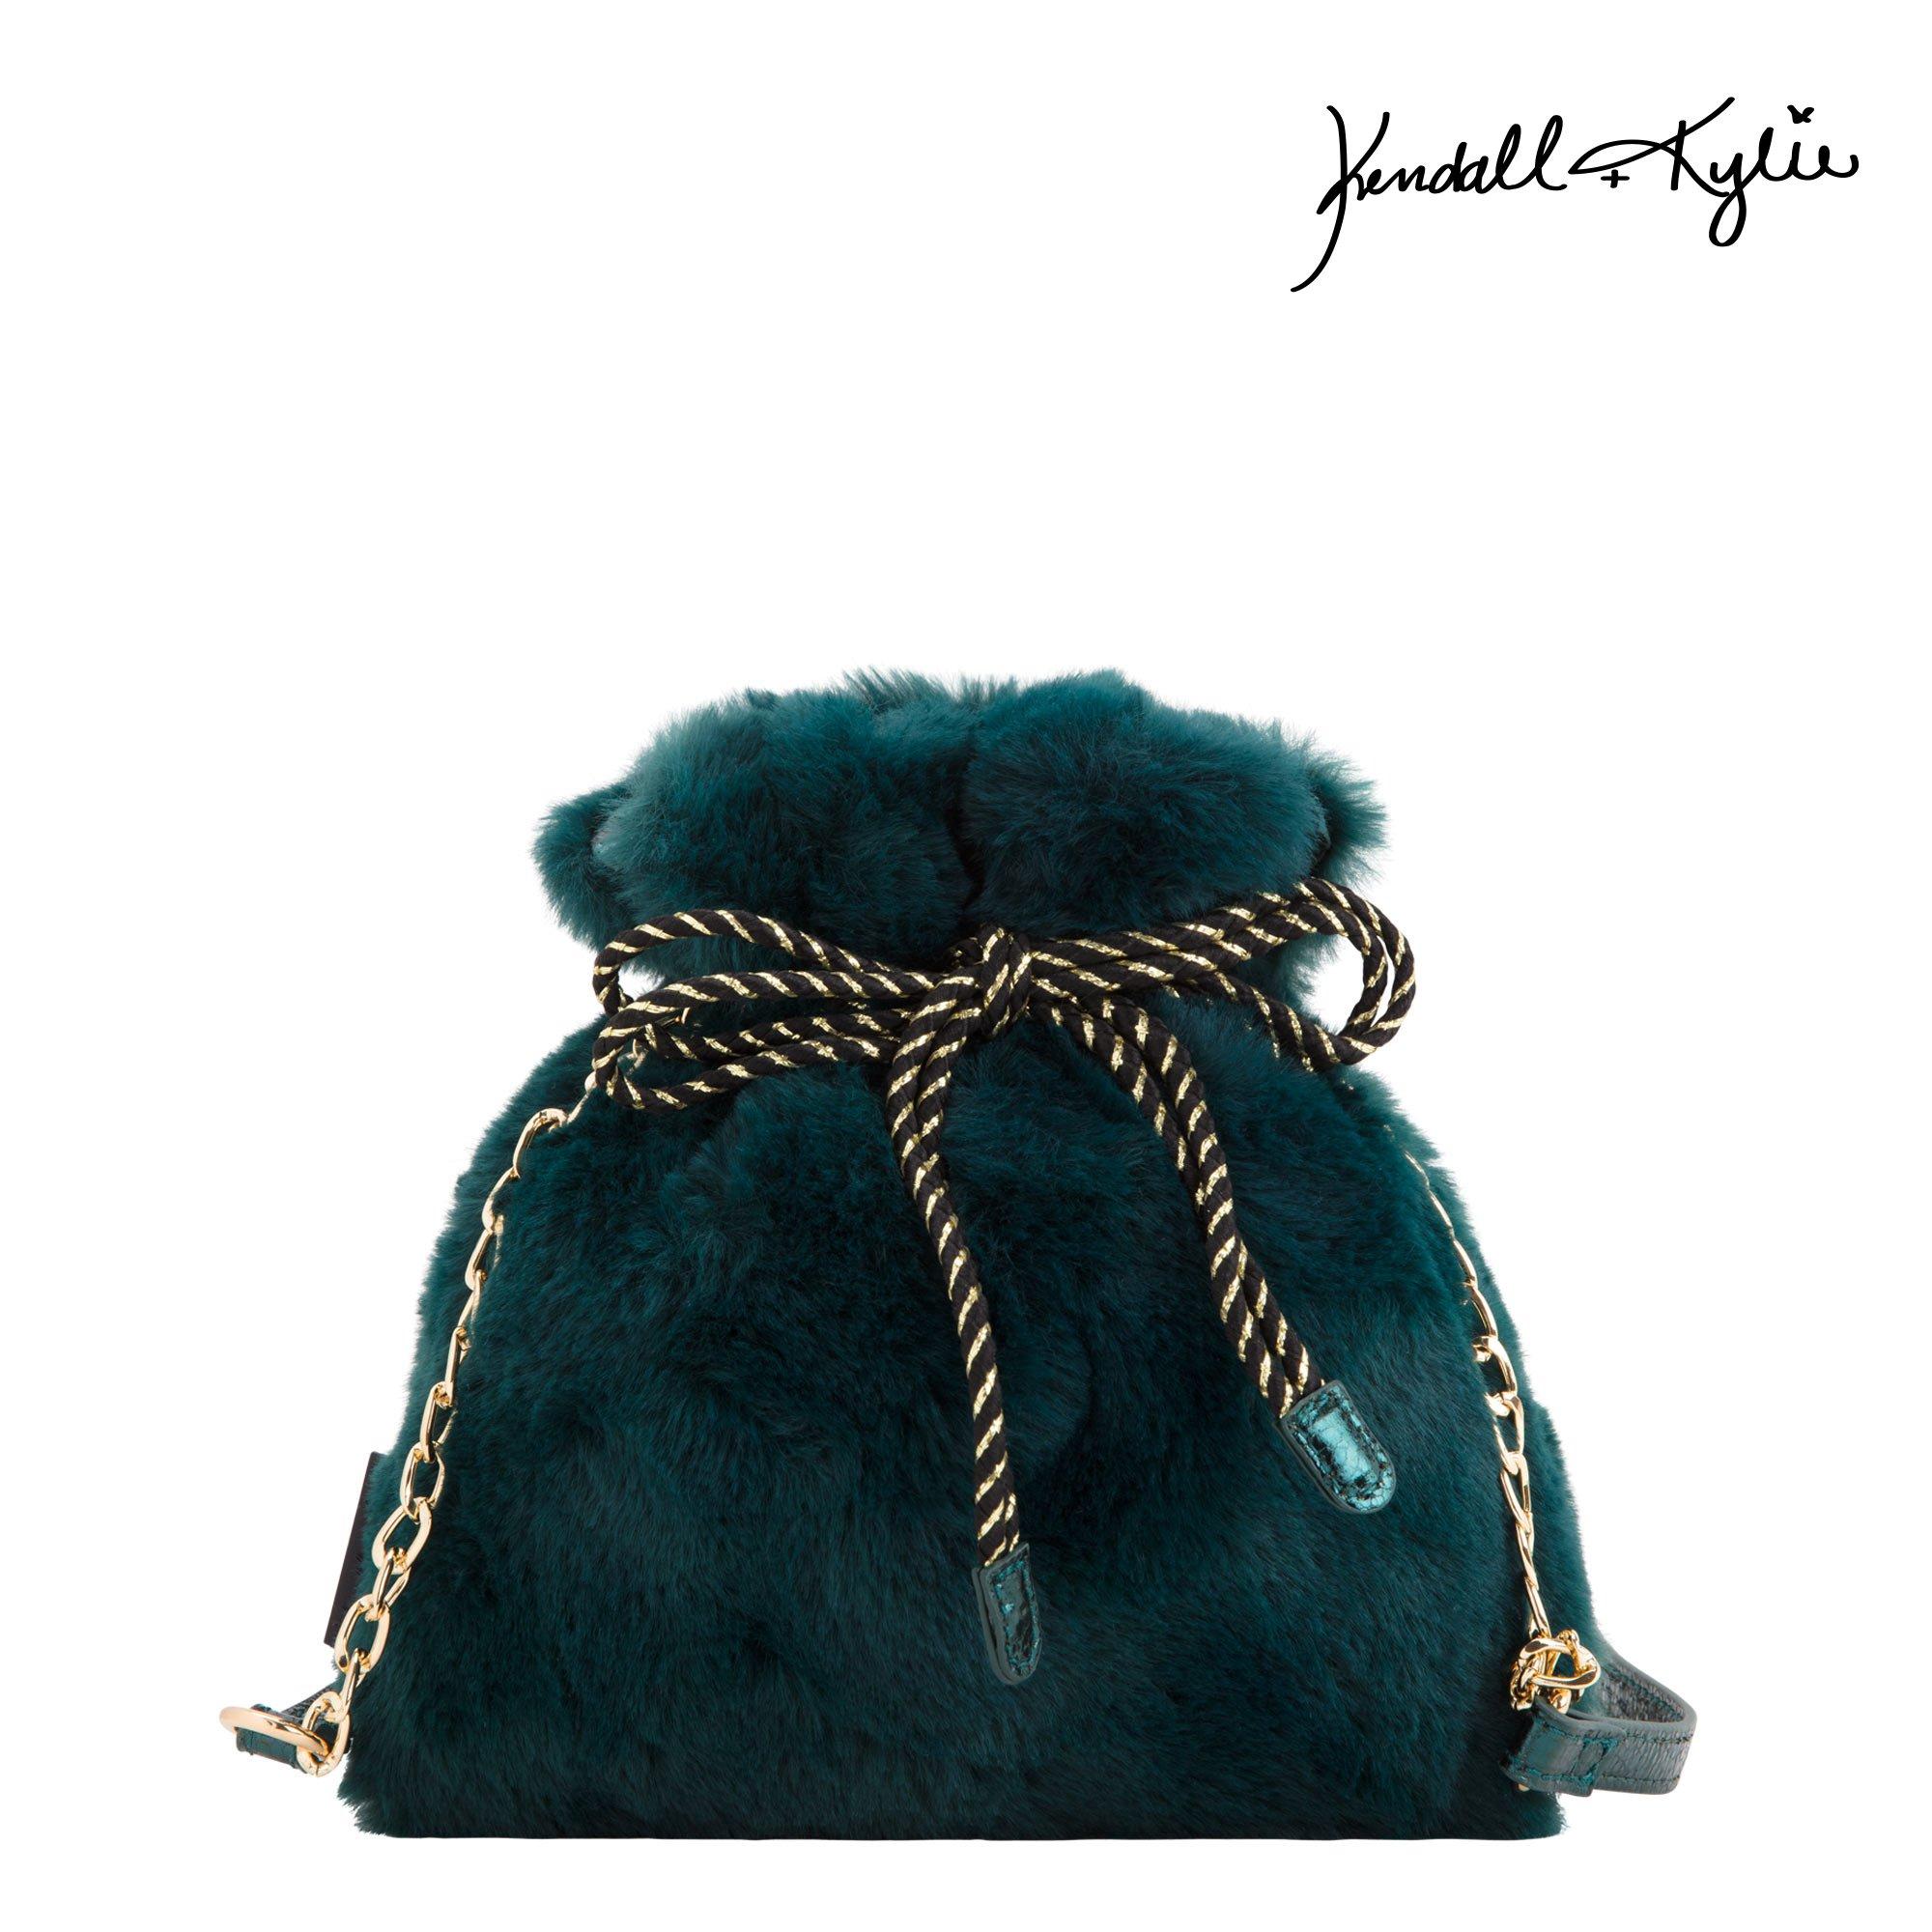 Borsa a secchiello effetto pelliccia Kendall + Kylie for Carpisa a 29,95 euro inverno 2019